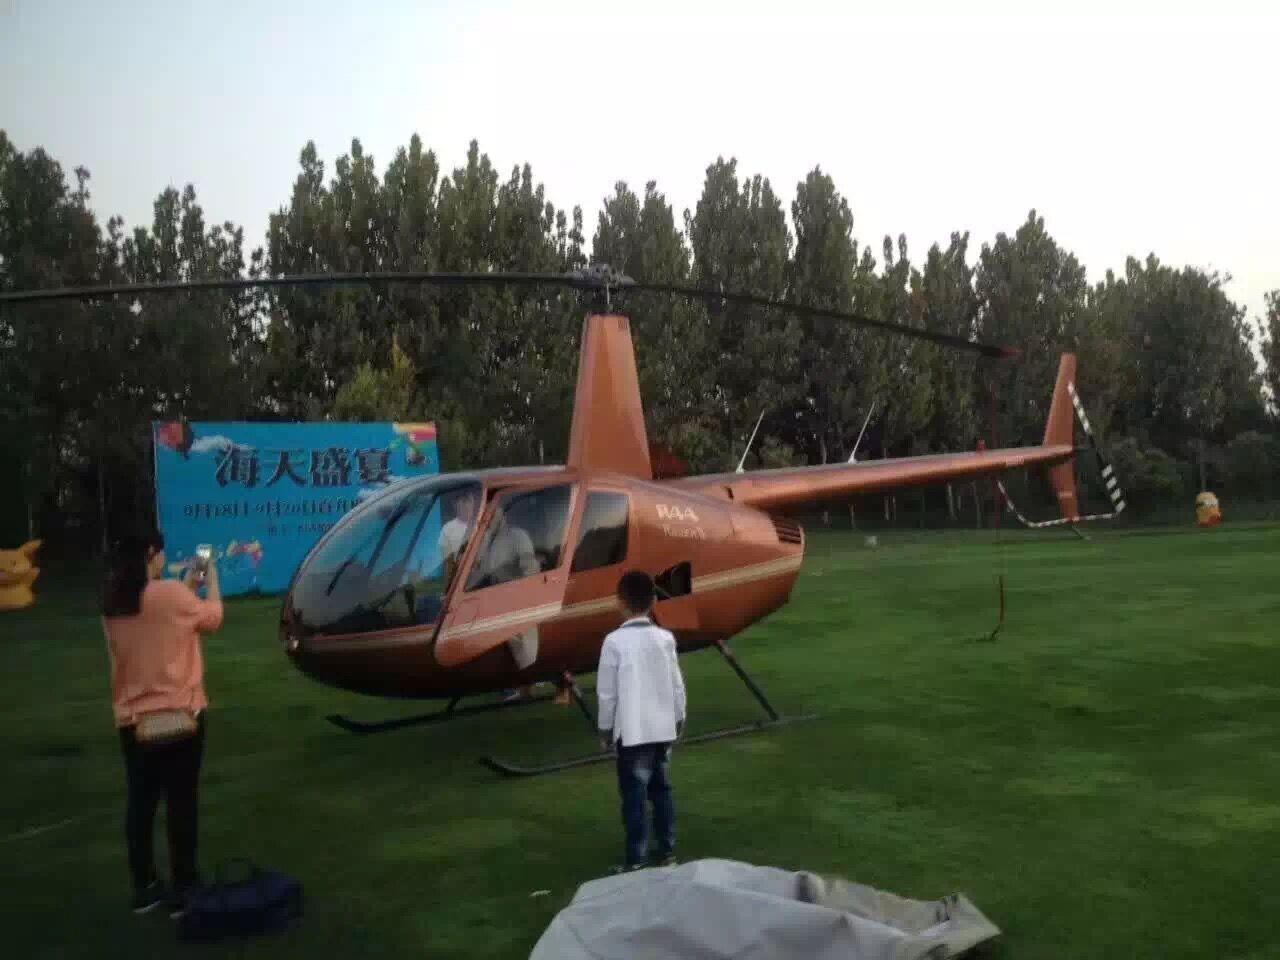 �:�ߖ�_商铺首页 产品展示 > 济南市直升机厂家_新10